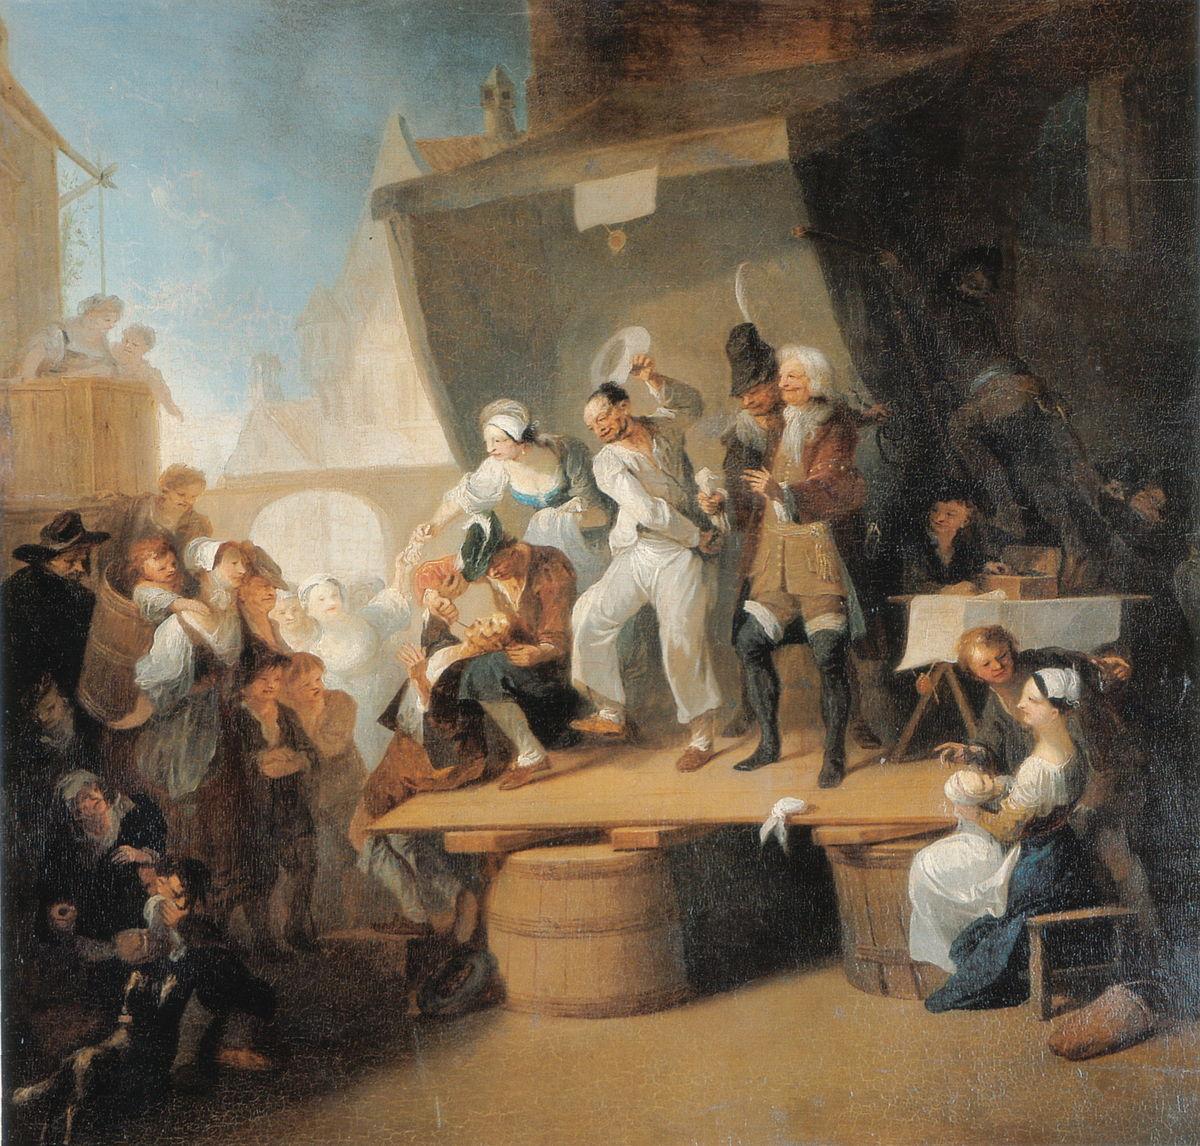 Franz Anton Maulbertsch'in